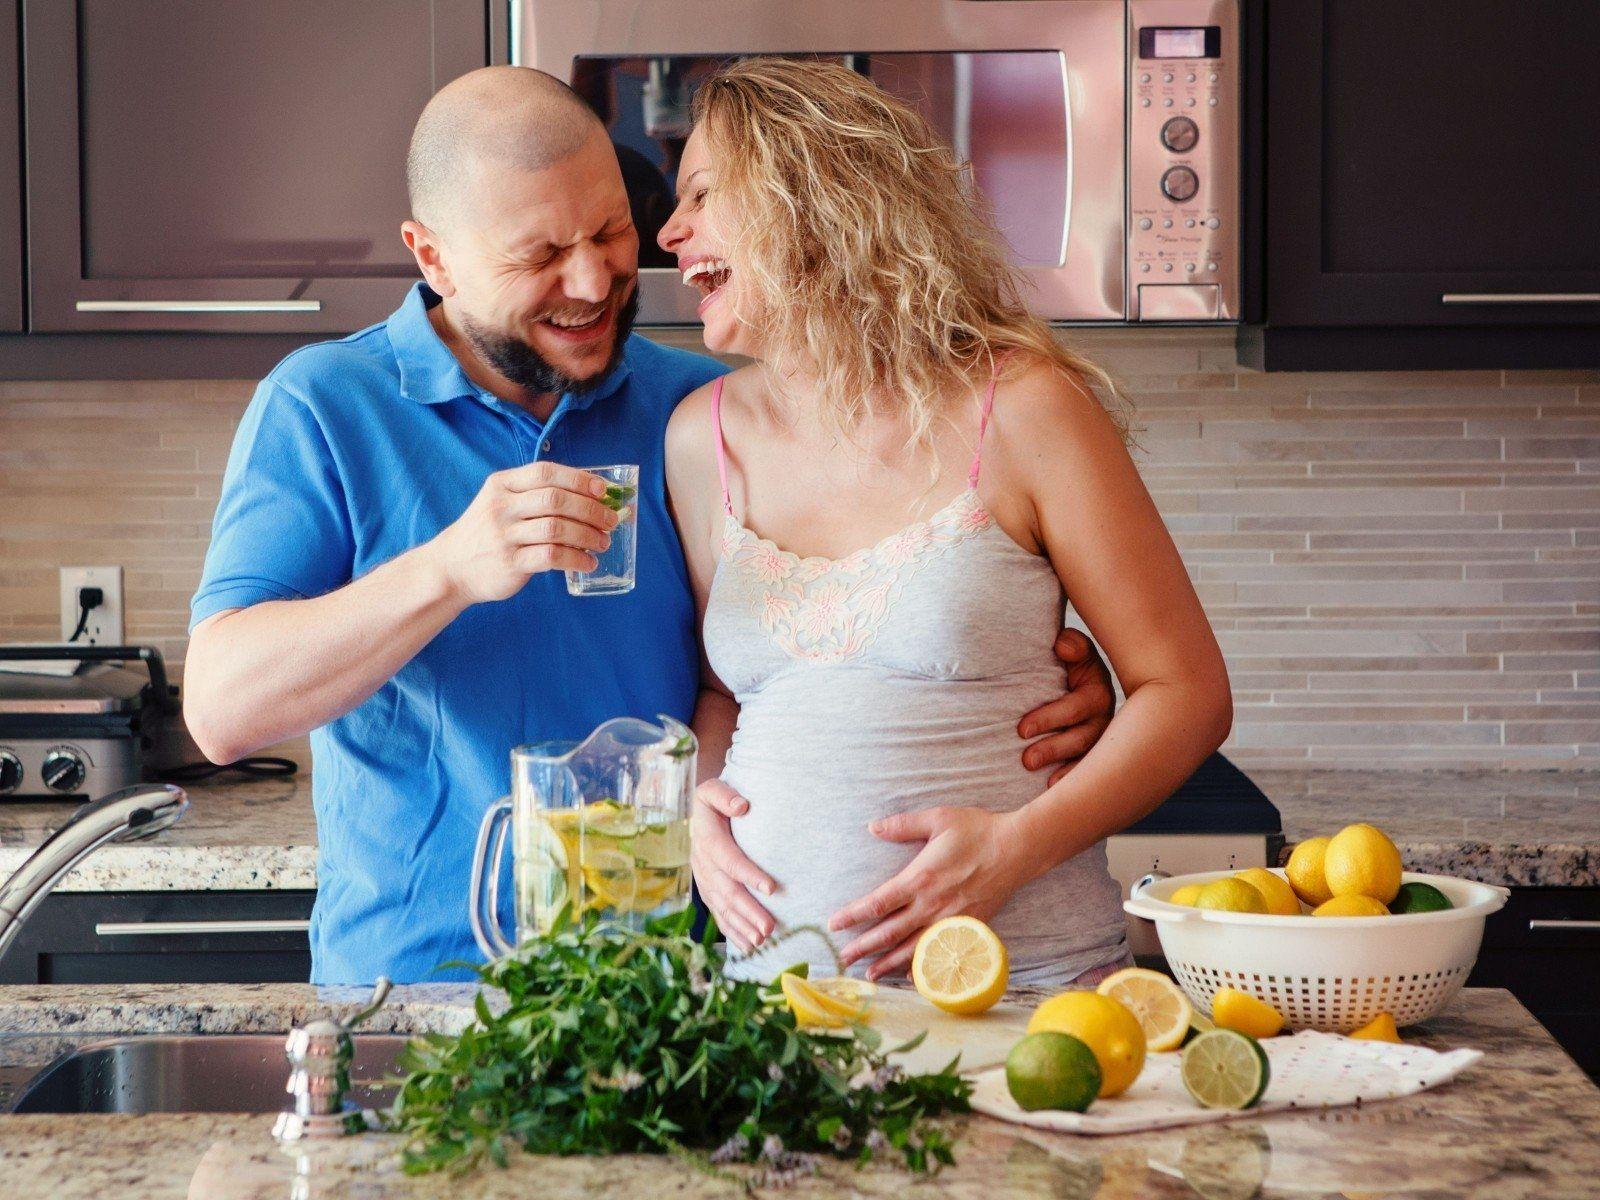 5. Suami ikut mengidam saat istri hamil